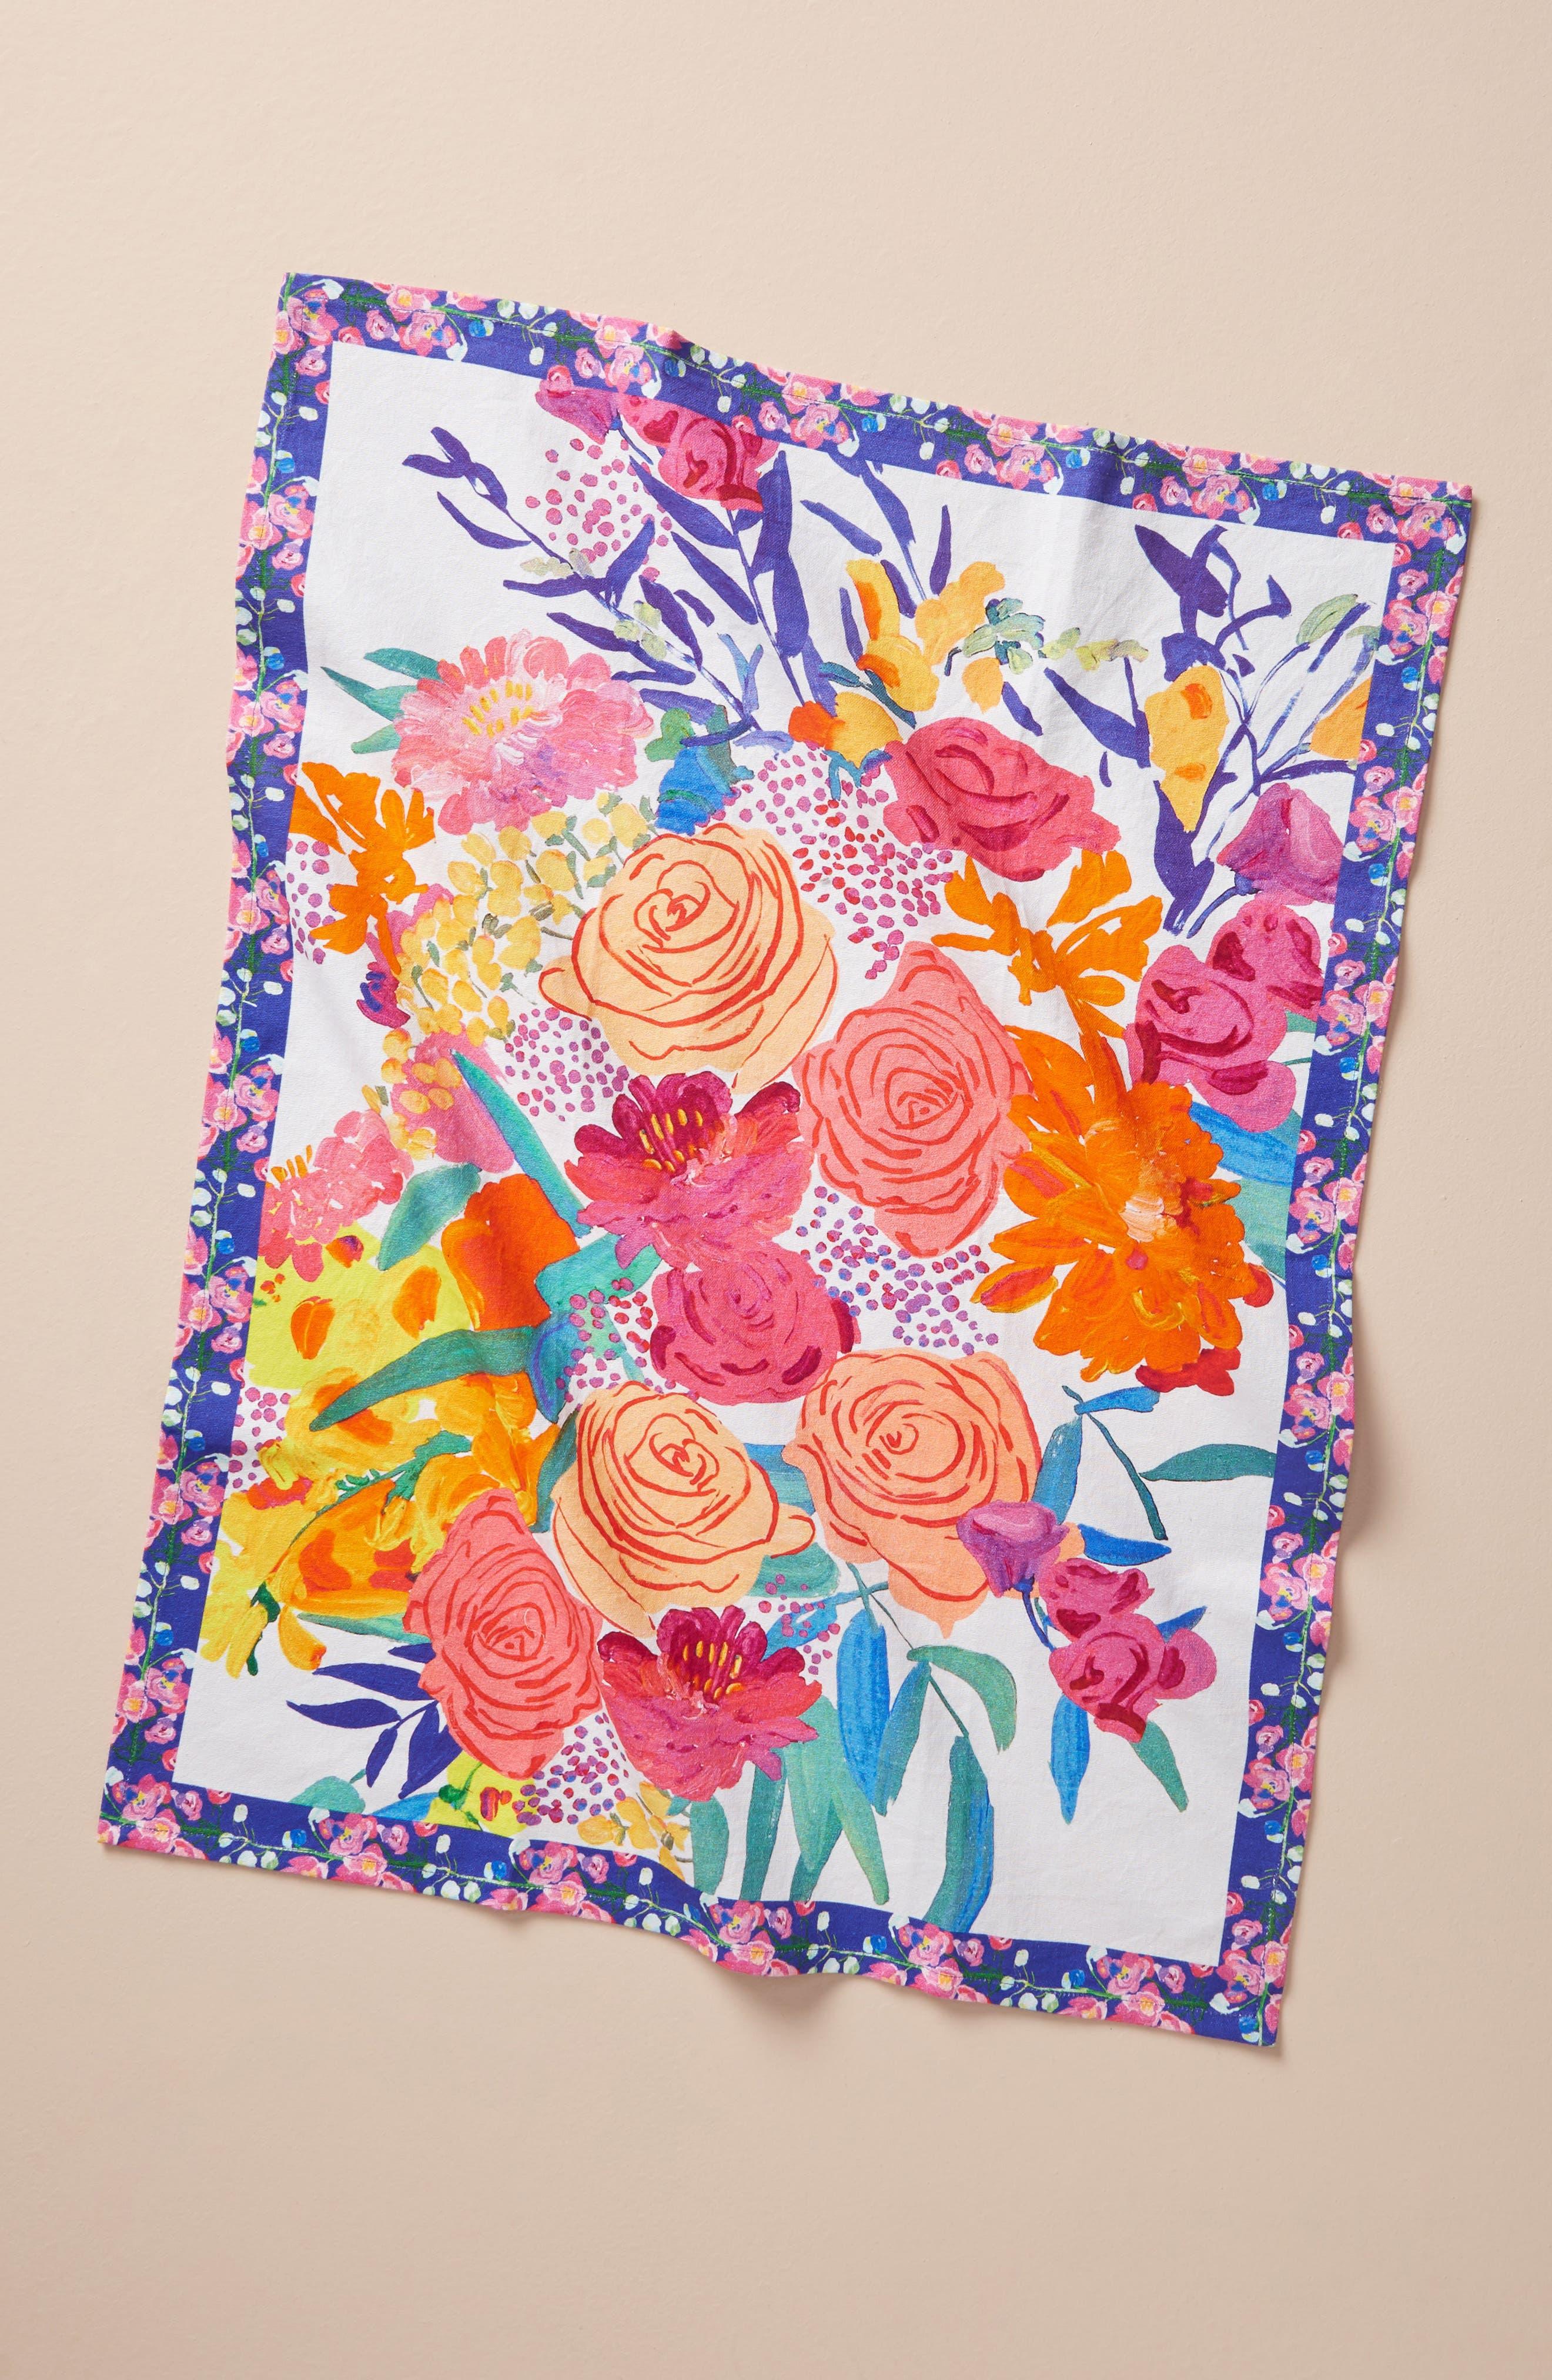 Main Image - Anthropologie Paint + Petals Dishtowel